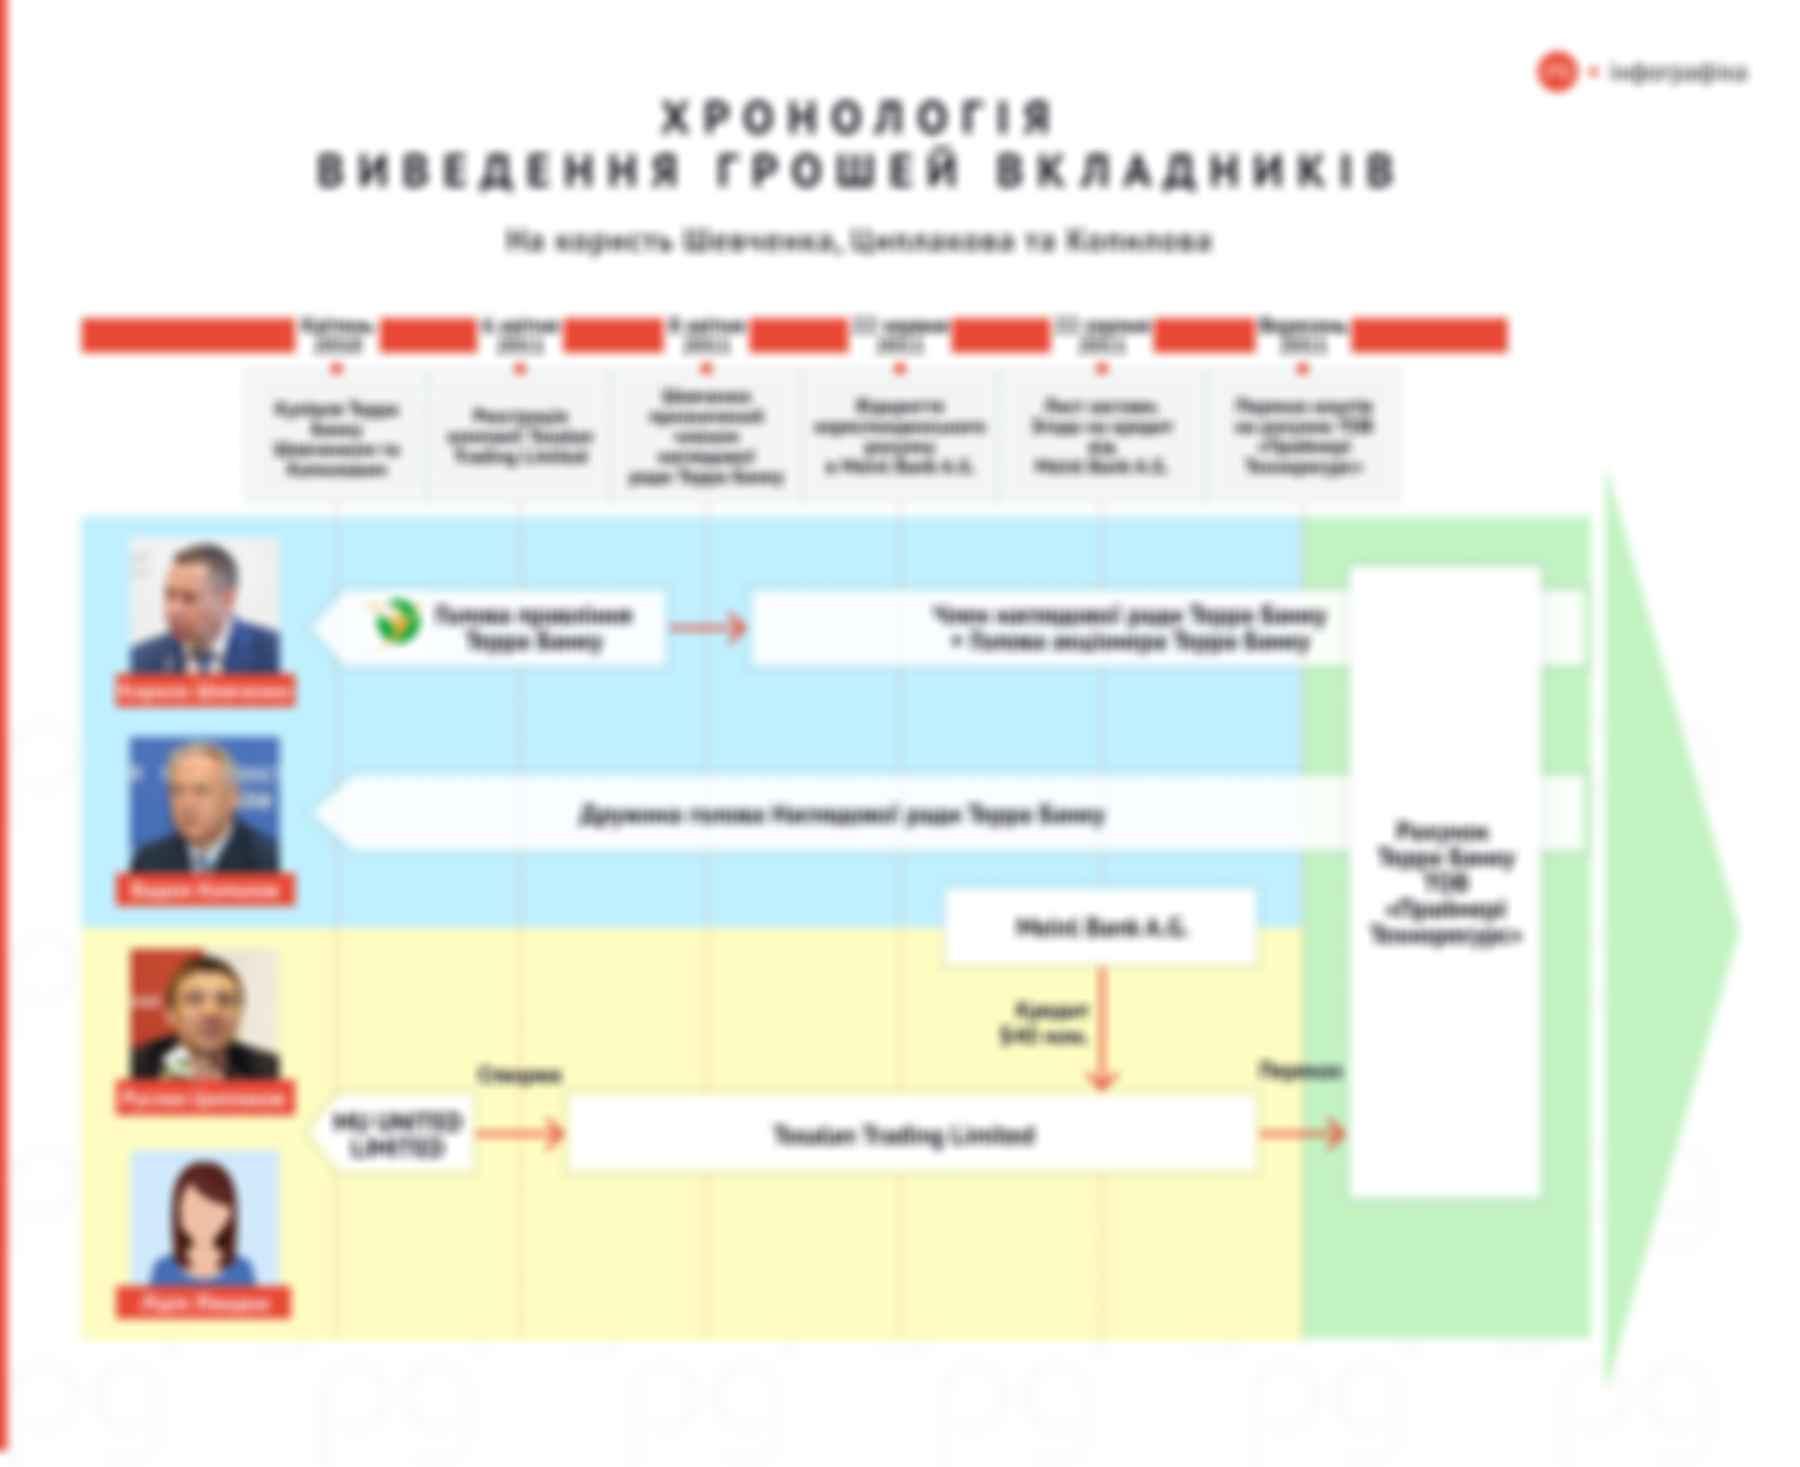 Хронологія виведення грошей вкладників Терра Банку (на користь Шевченка, Циплакова і Копилова). Інфографіка: The Page